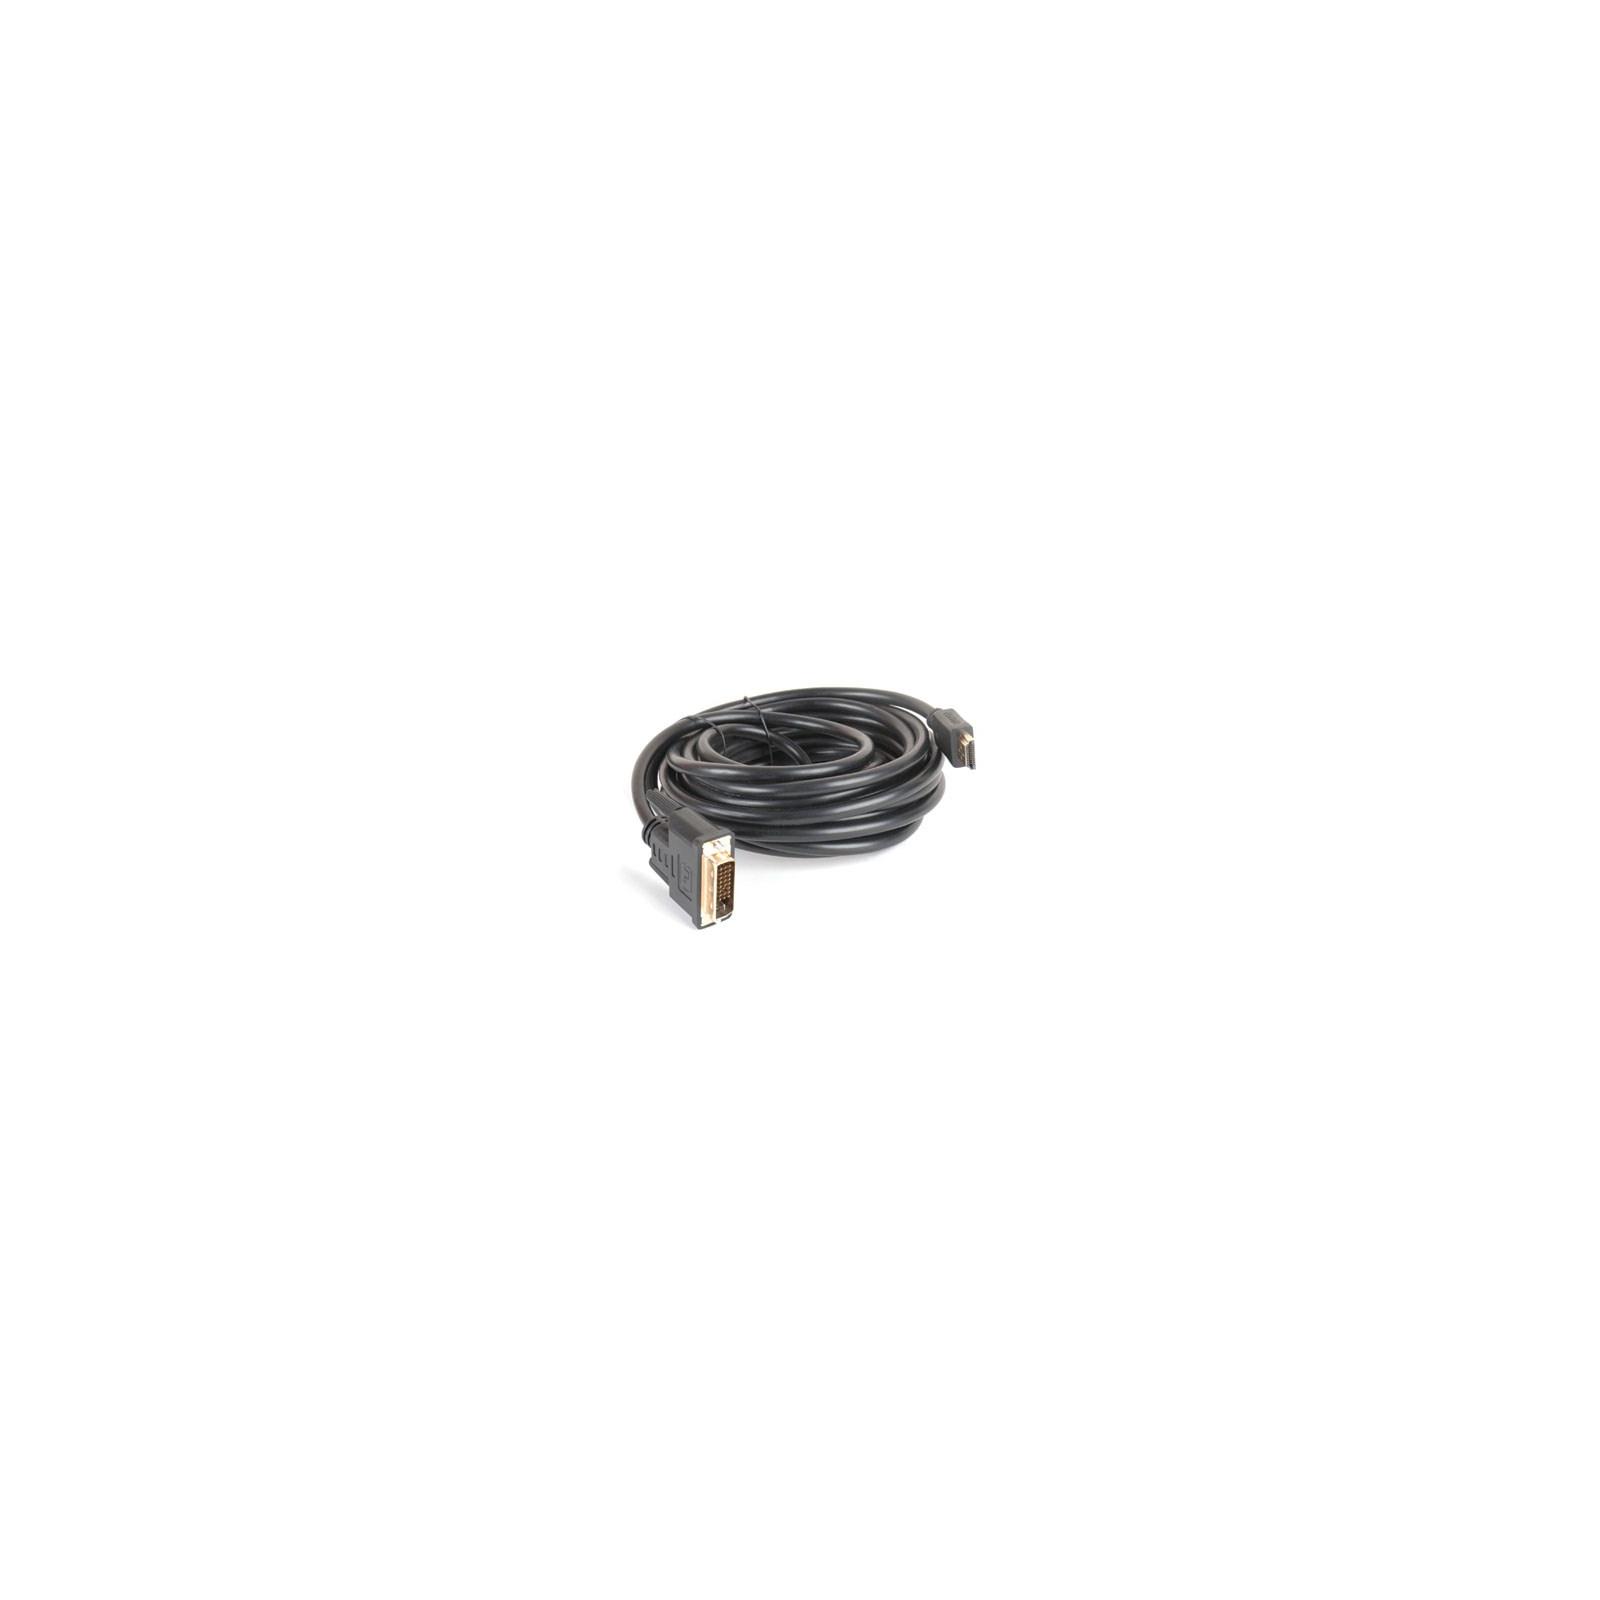 Кабель мультимедийный HDMI to DVI 24+1pin M, 5.0m GEMIX (Art.GC 1418)